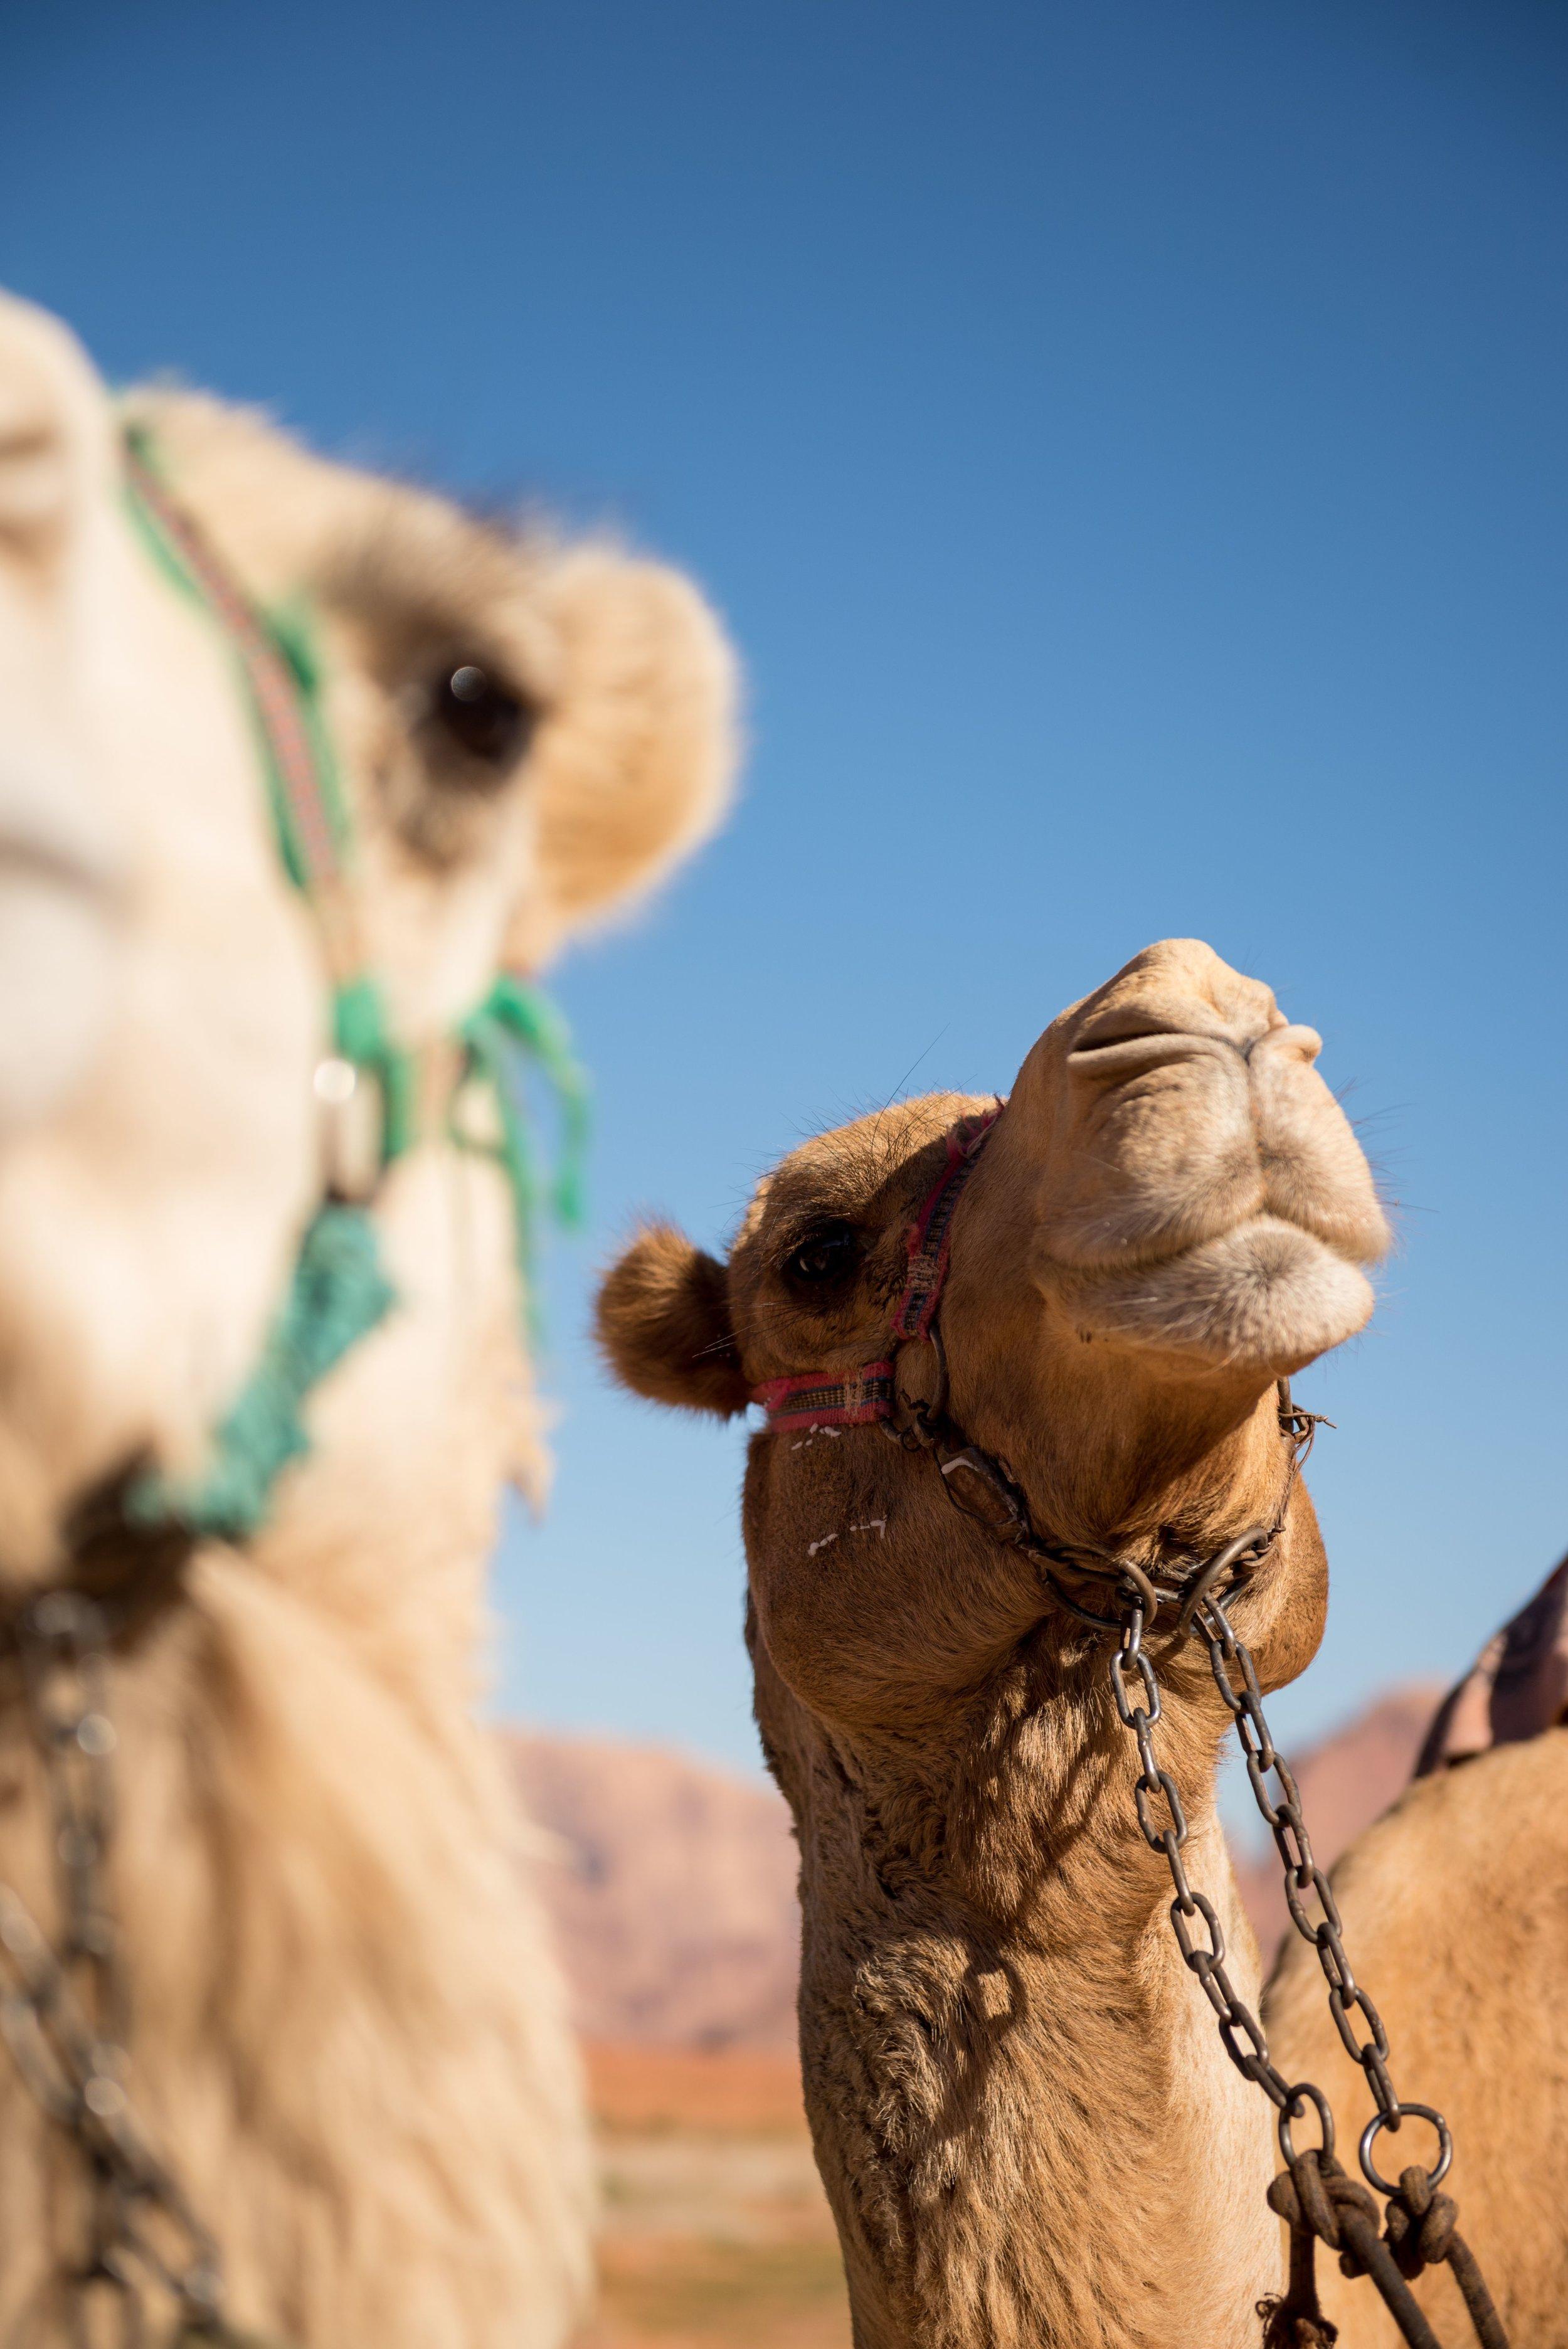 Arabian Camels in the Wadi Rum Desert, Jordan